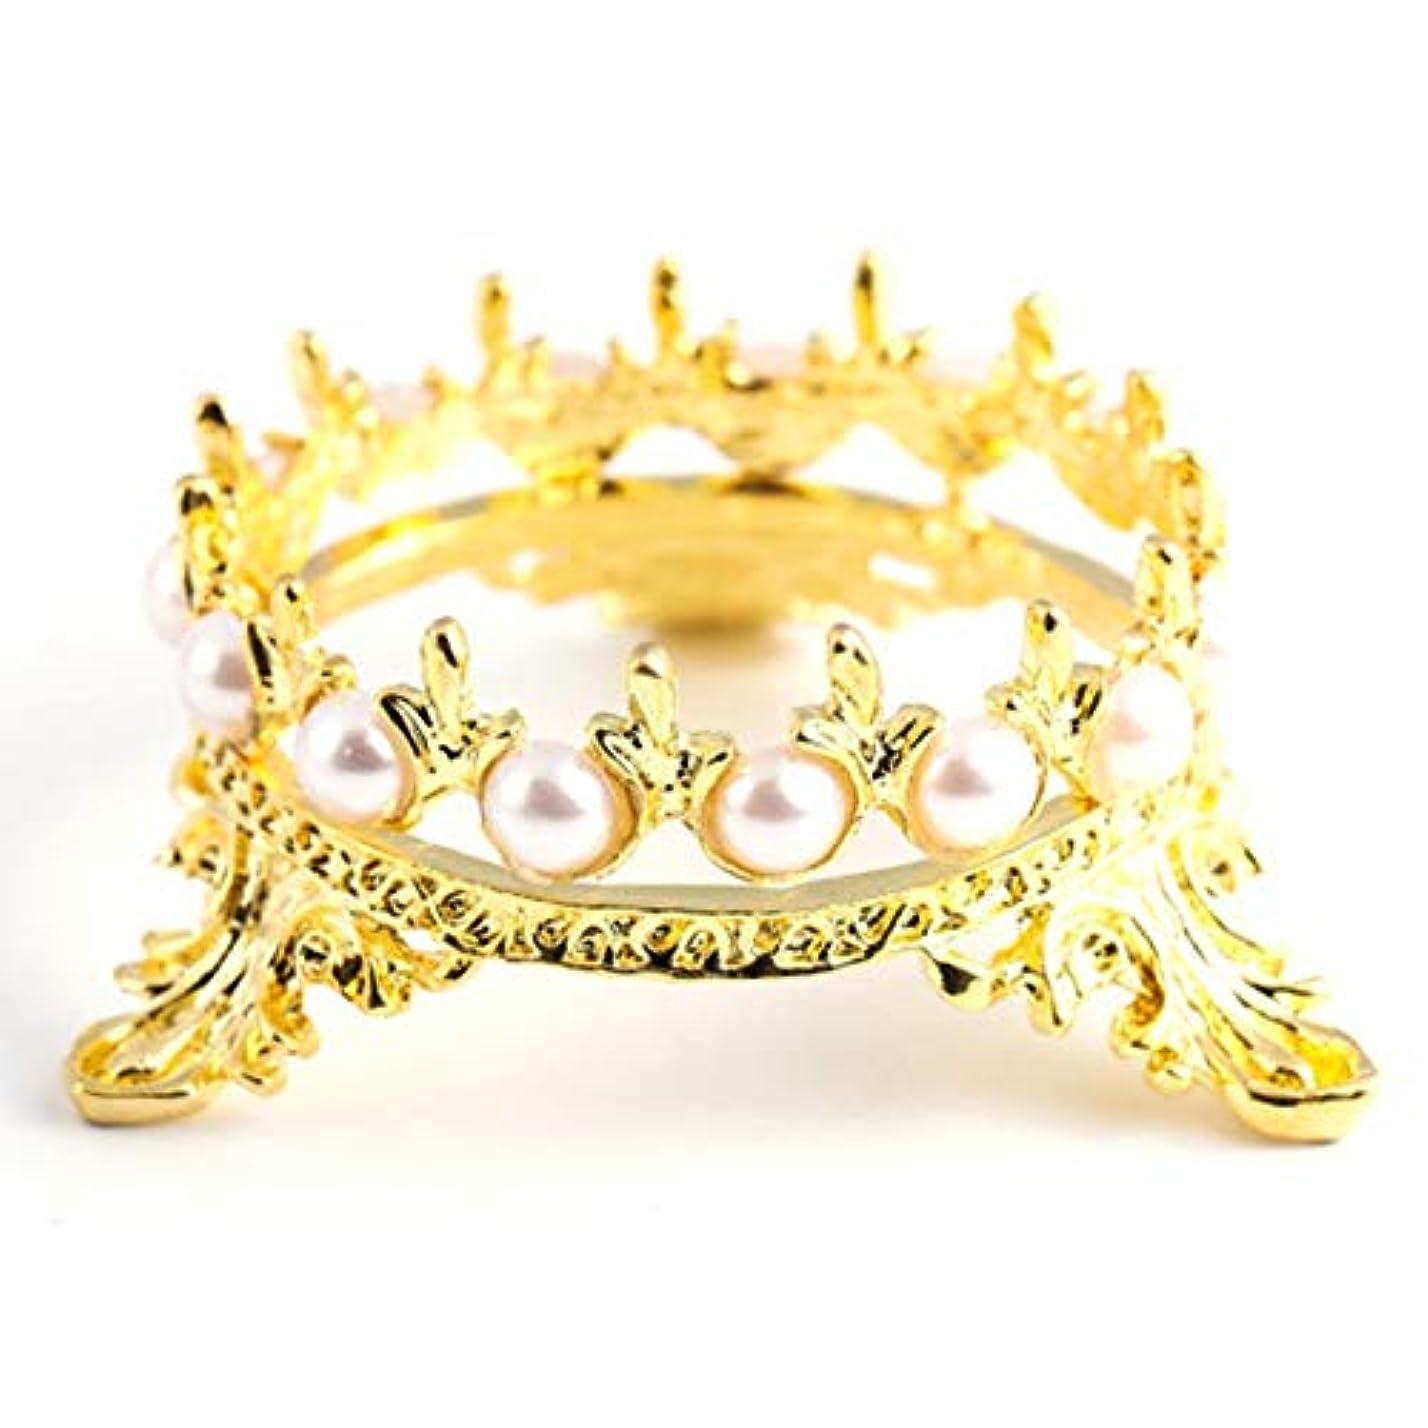 郵便屋さん弱めるロッカーYoshilimen 特別1 xクラウンスタンドペンブラシホルダーパールネイルアートペンラックマニキュアネイルアートツール必需品(None Golden Crown Penholder)